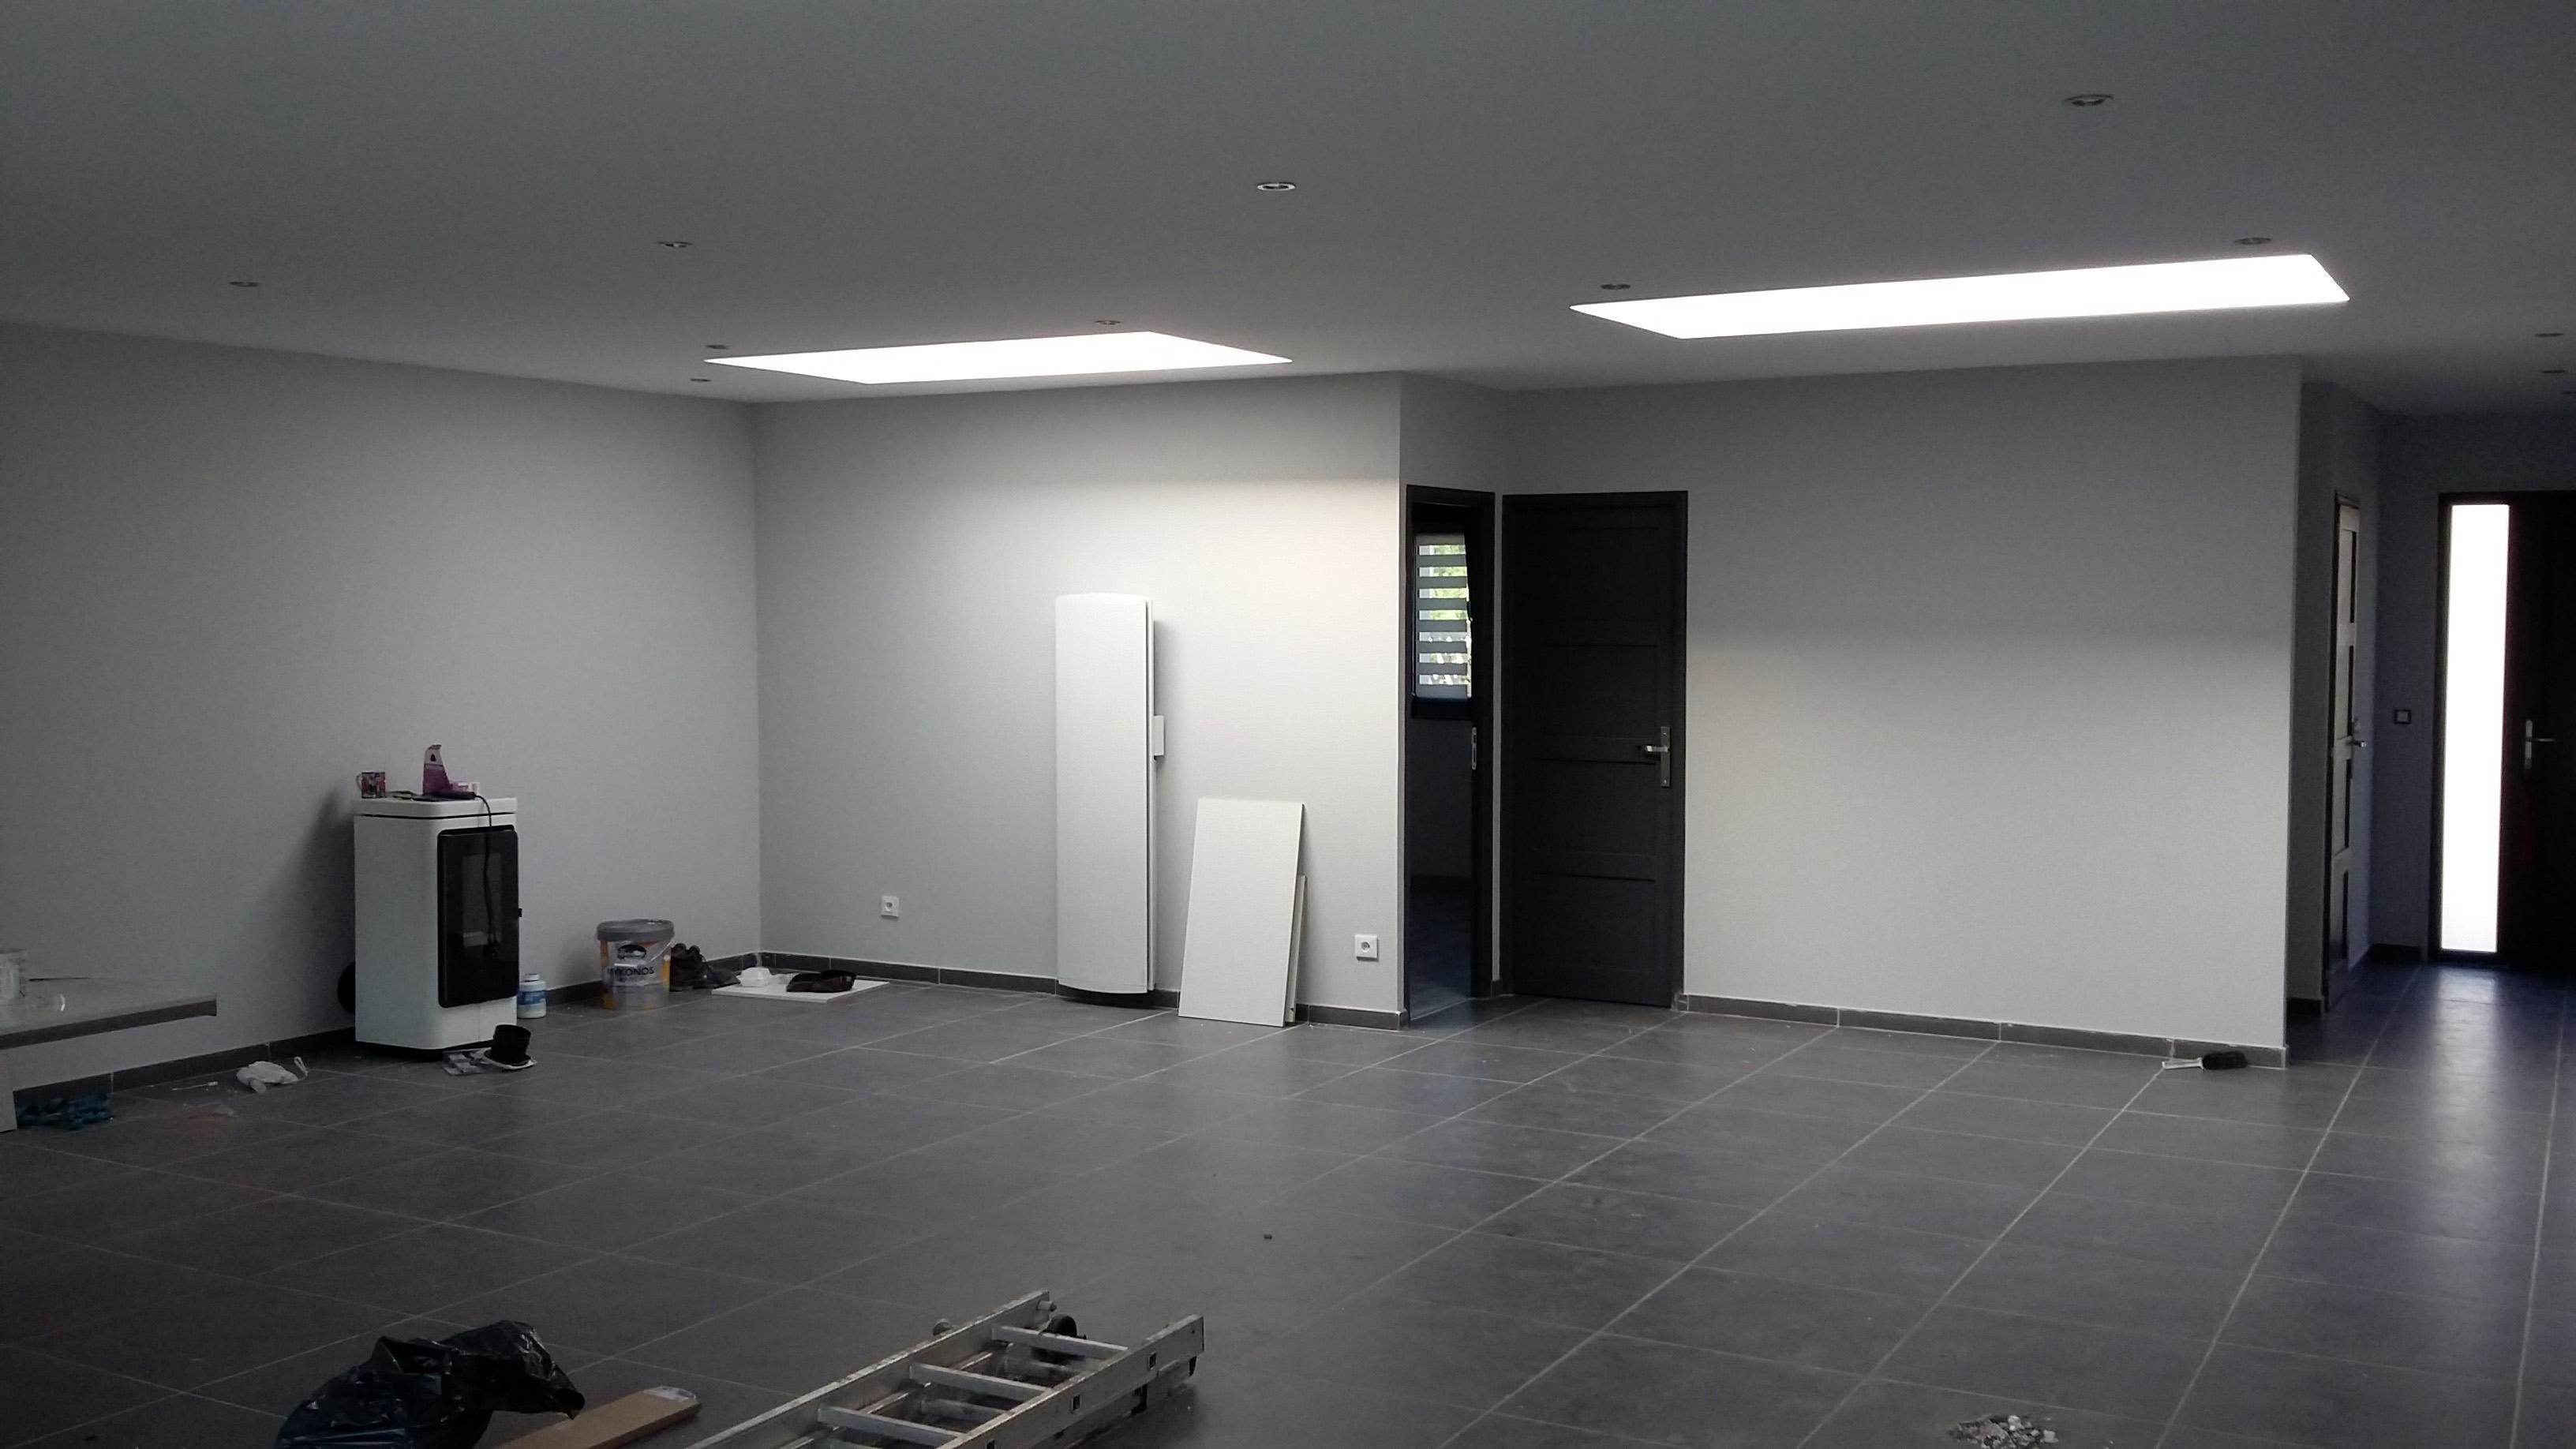 14.01 Construction maison Lys lez Lannoy - Atelier permis de construire8.2